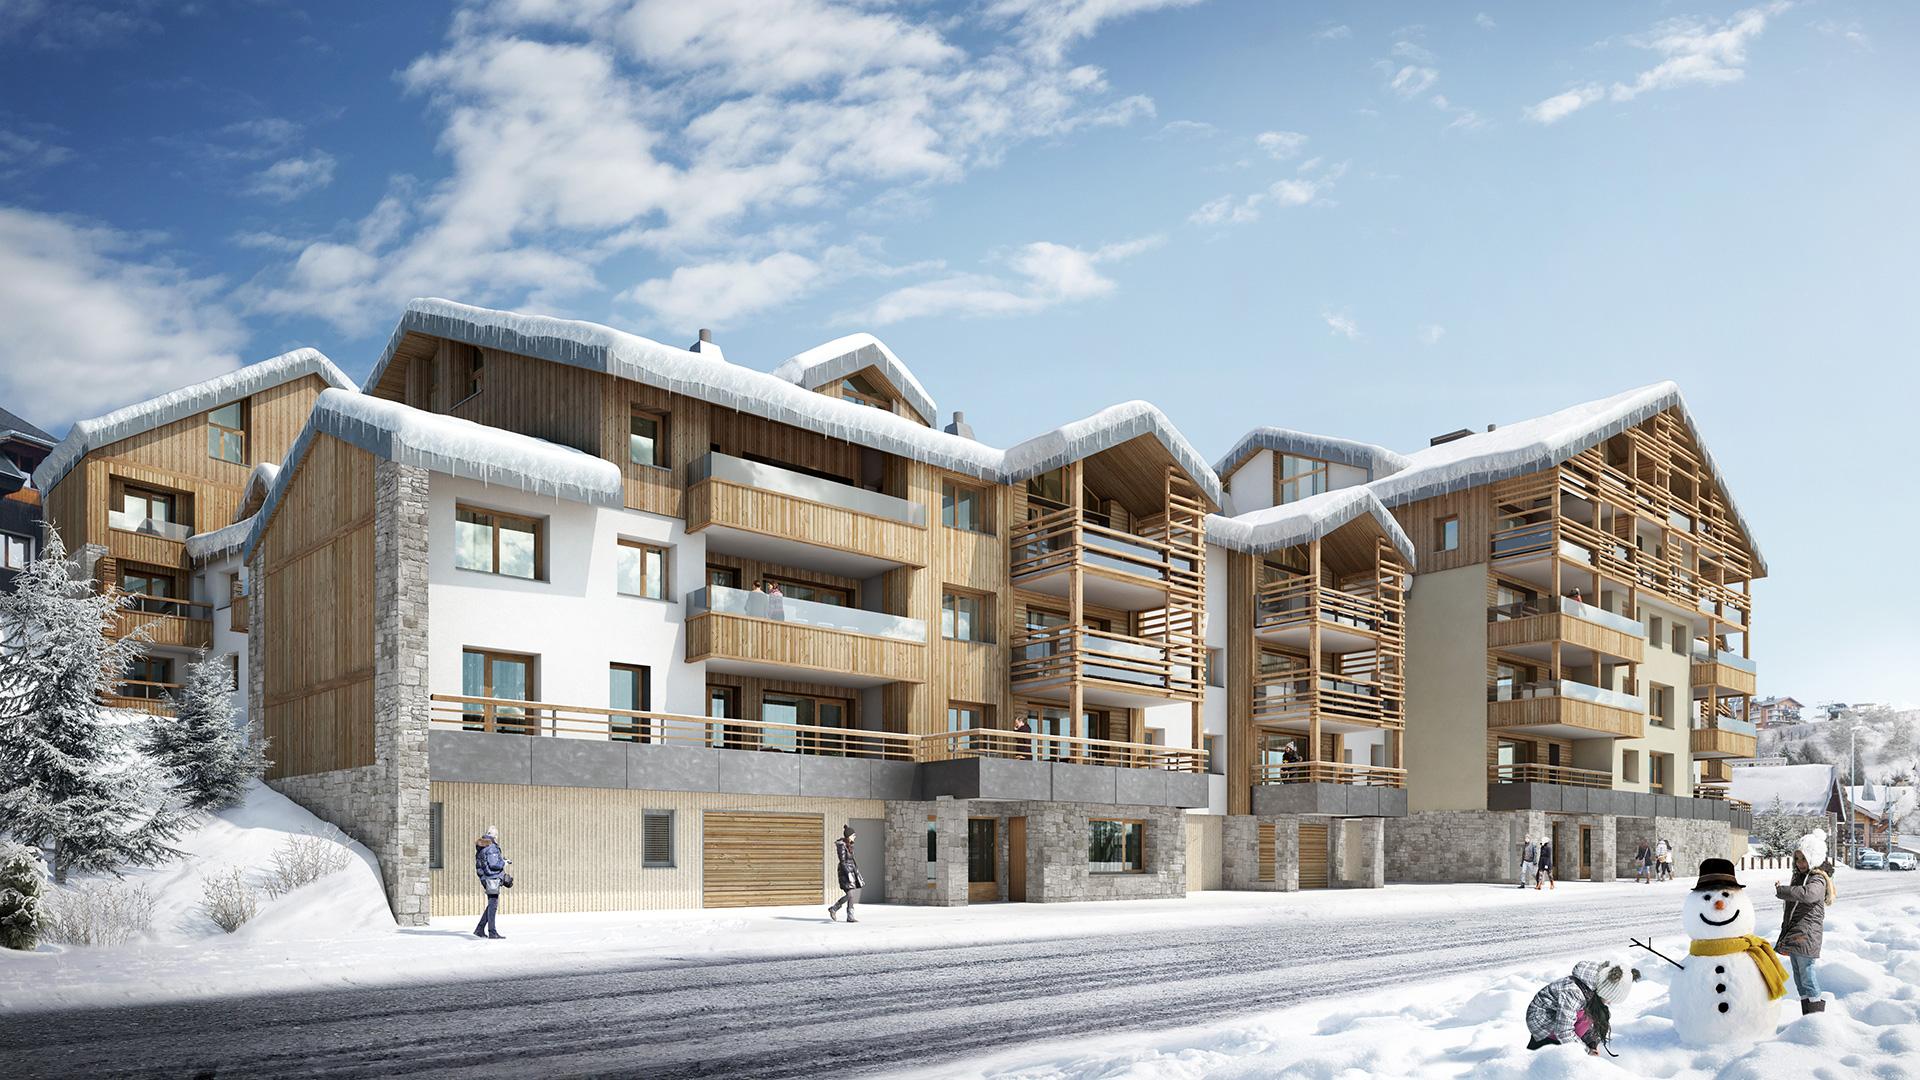 Les Fermes de l'Alpe Apartments, France